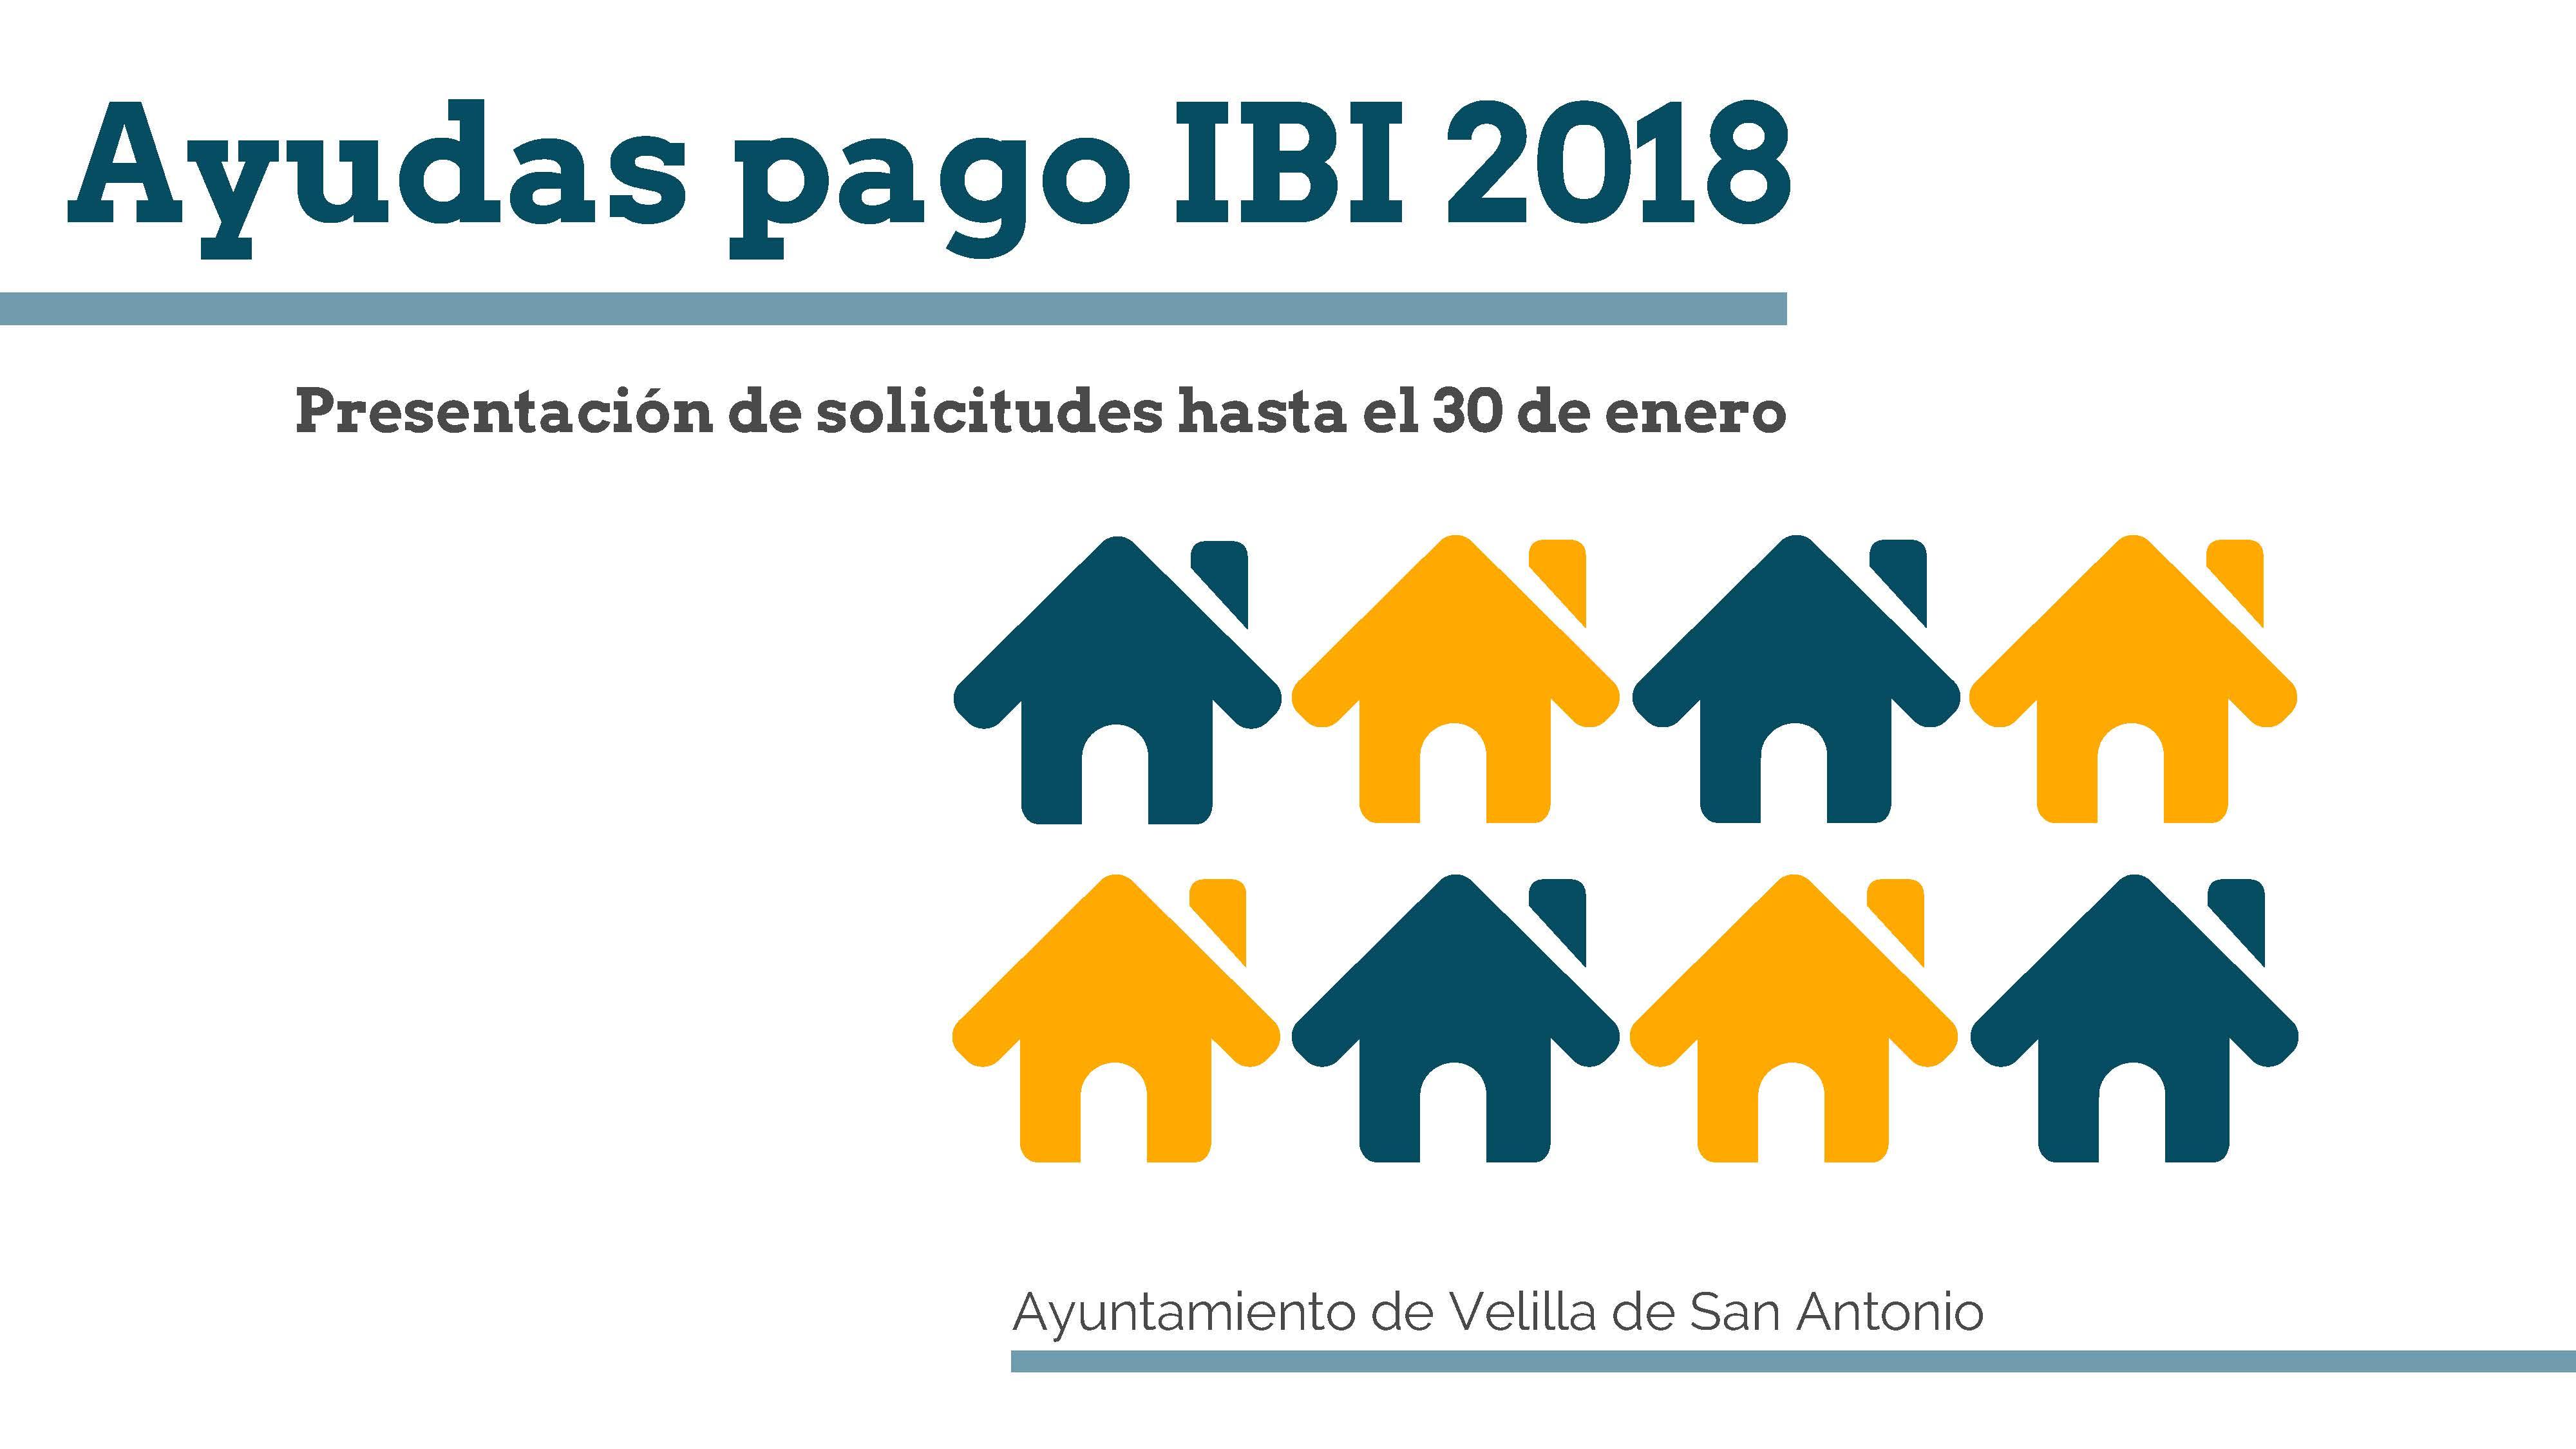 El Ayuntamiento de Velilla destinará 30.000 euros para ayudas al pago del ibi en el 2018